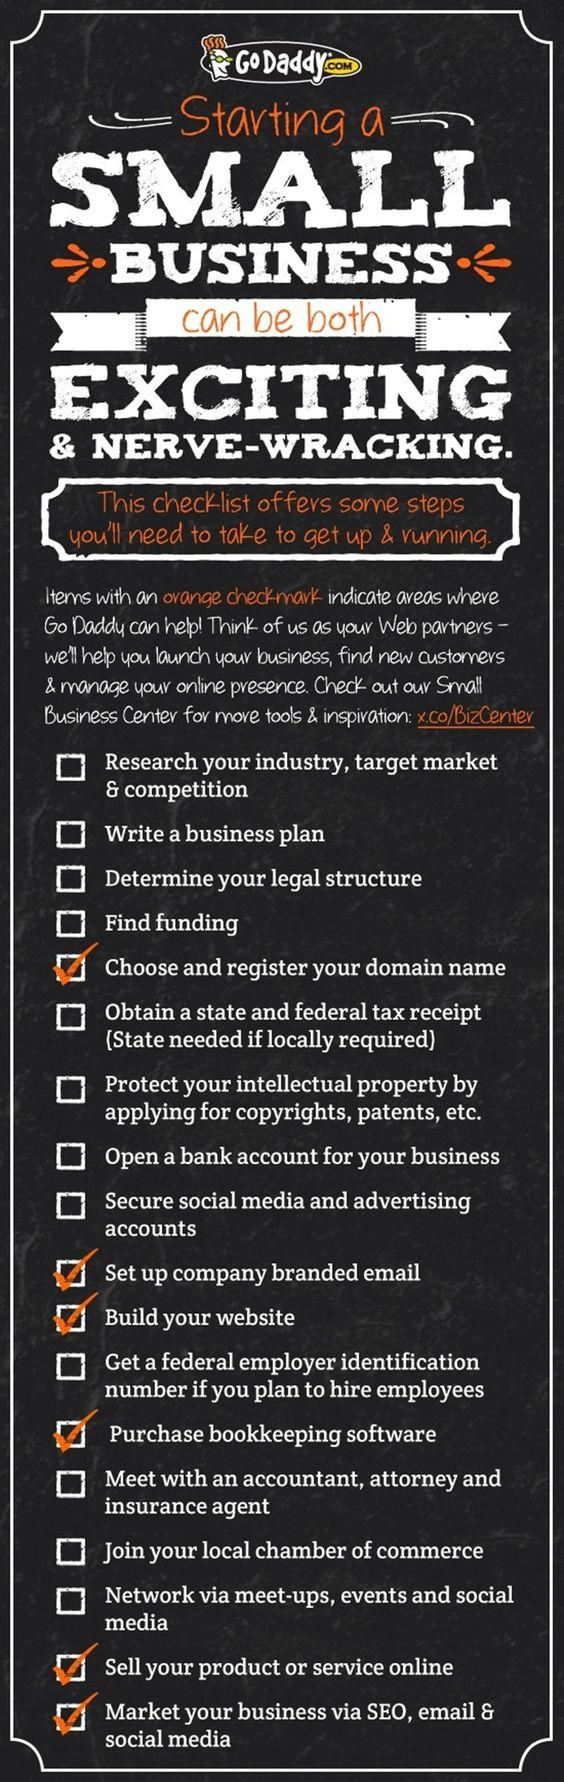 Online Business With GoDaddy -  - GoDaddy Renewal Promo Code